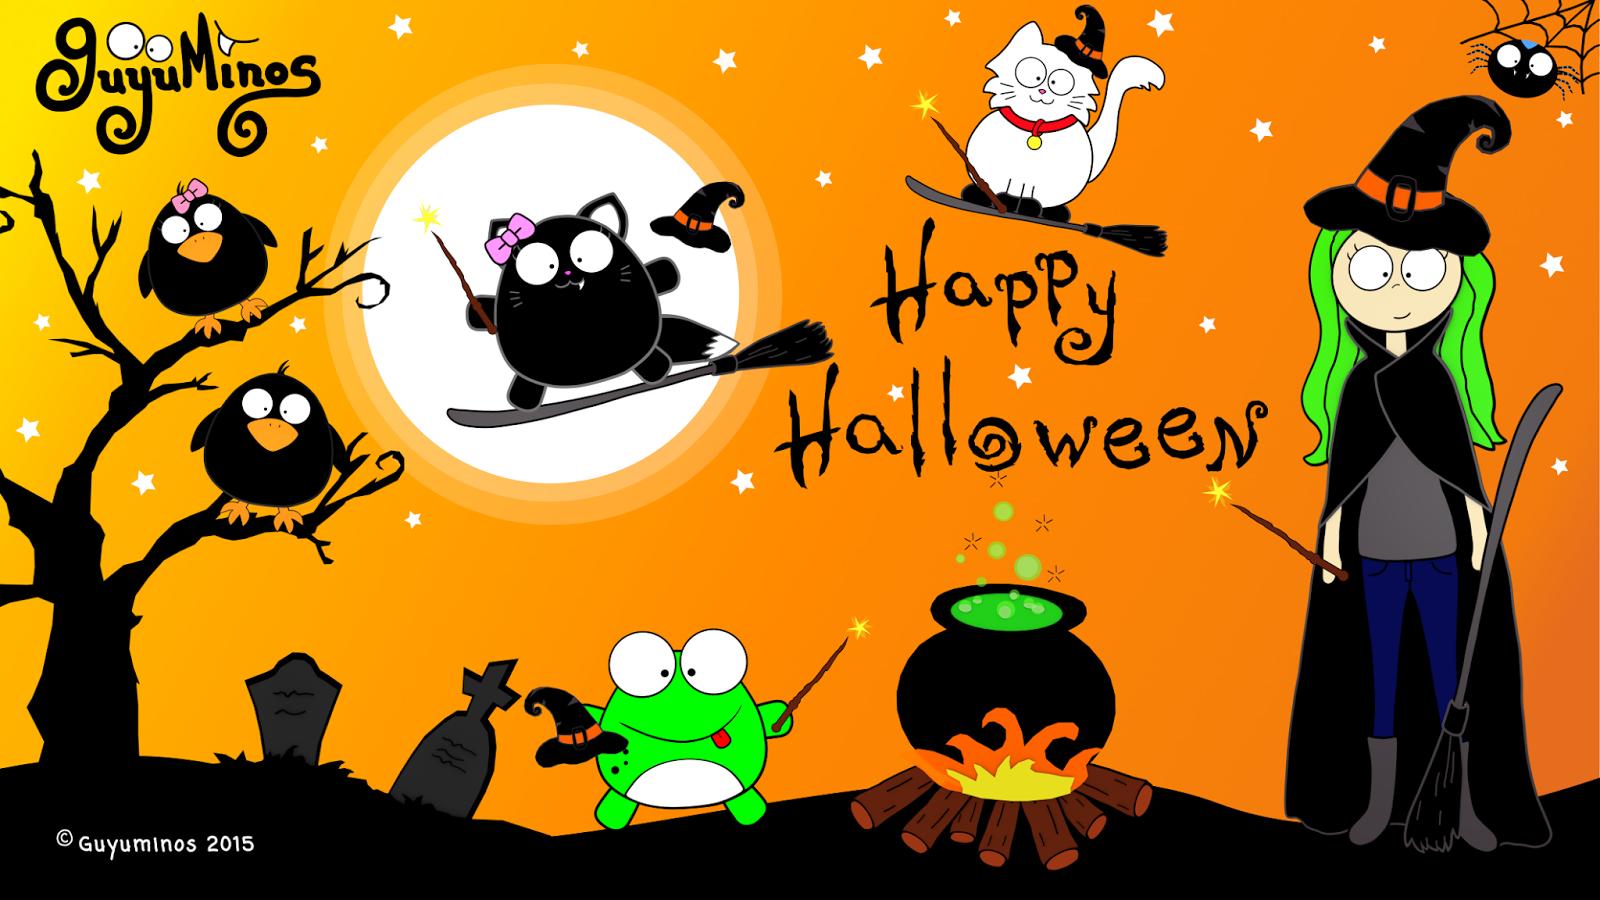 Wallpaper de Halloween con Brujas y Magos! ©Guyuminos 2015.